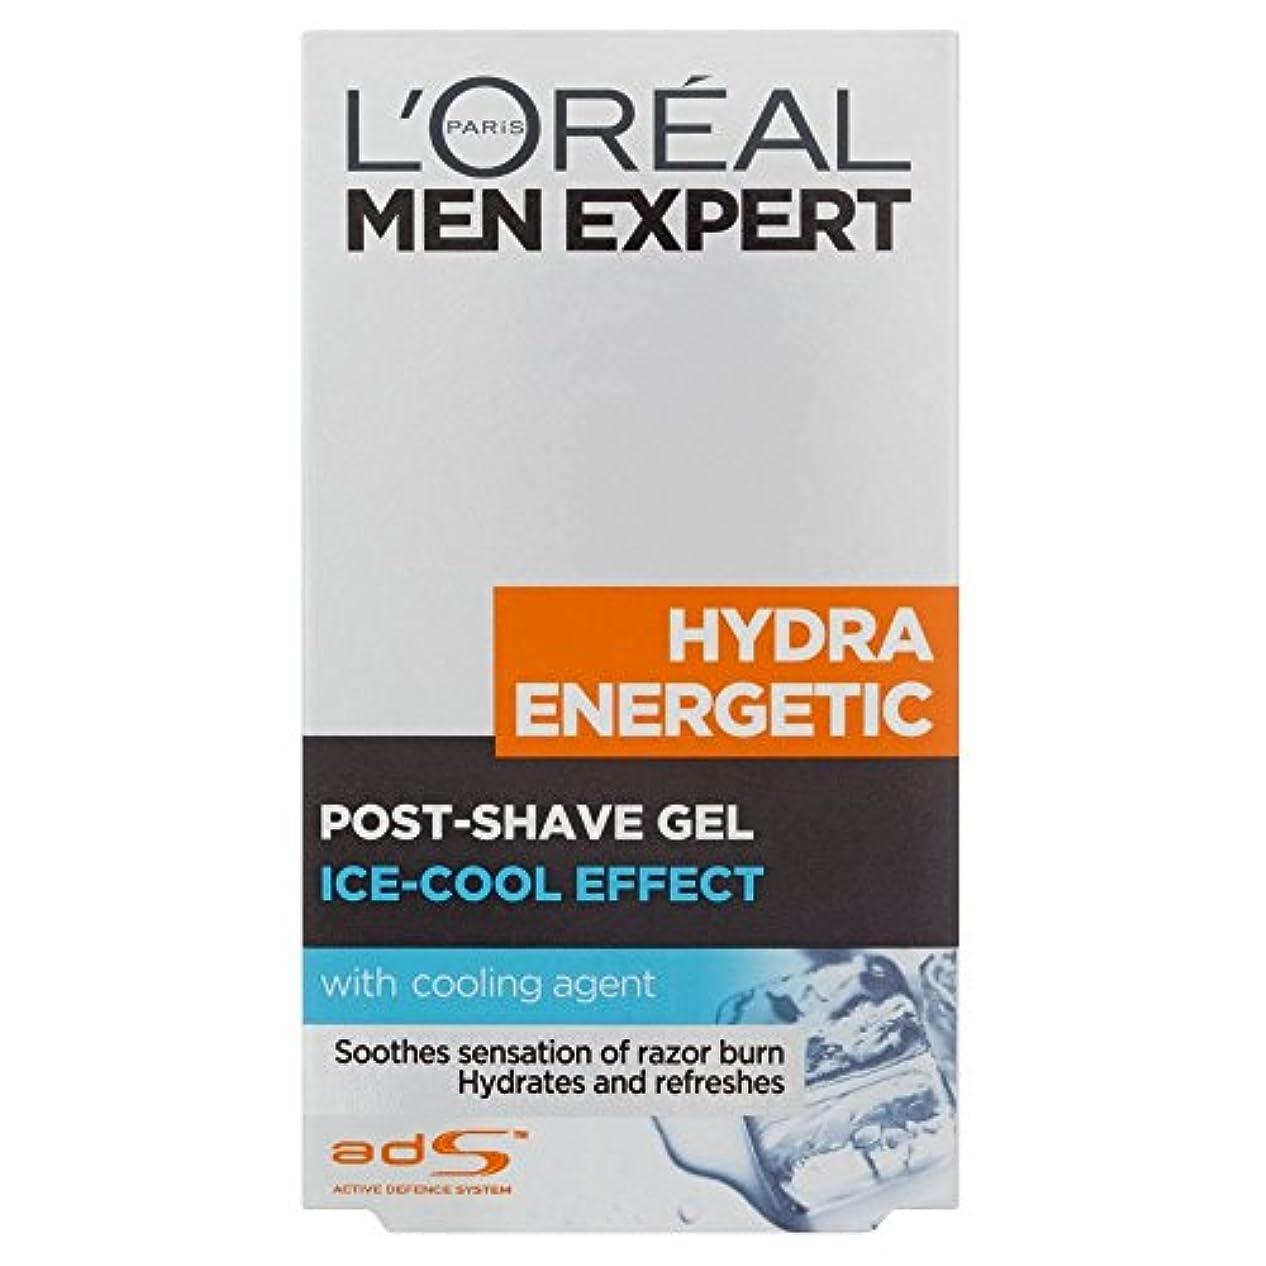 エコー水っぽいインクL'Oreal Paris Men Expert Hydra Energetic Post Shave Balm (100ml) L'オラ?アルパリのメンズ専門ヒドラエネルギッシュなポストシェーブバーム( 100ミリリットル...